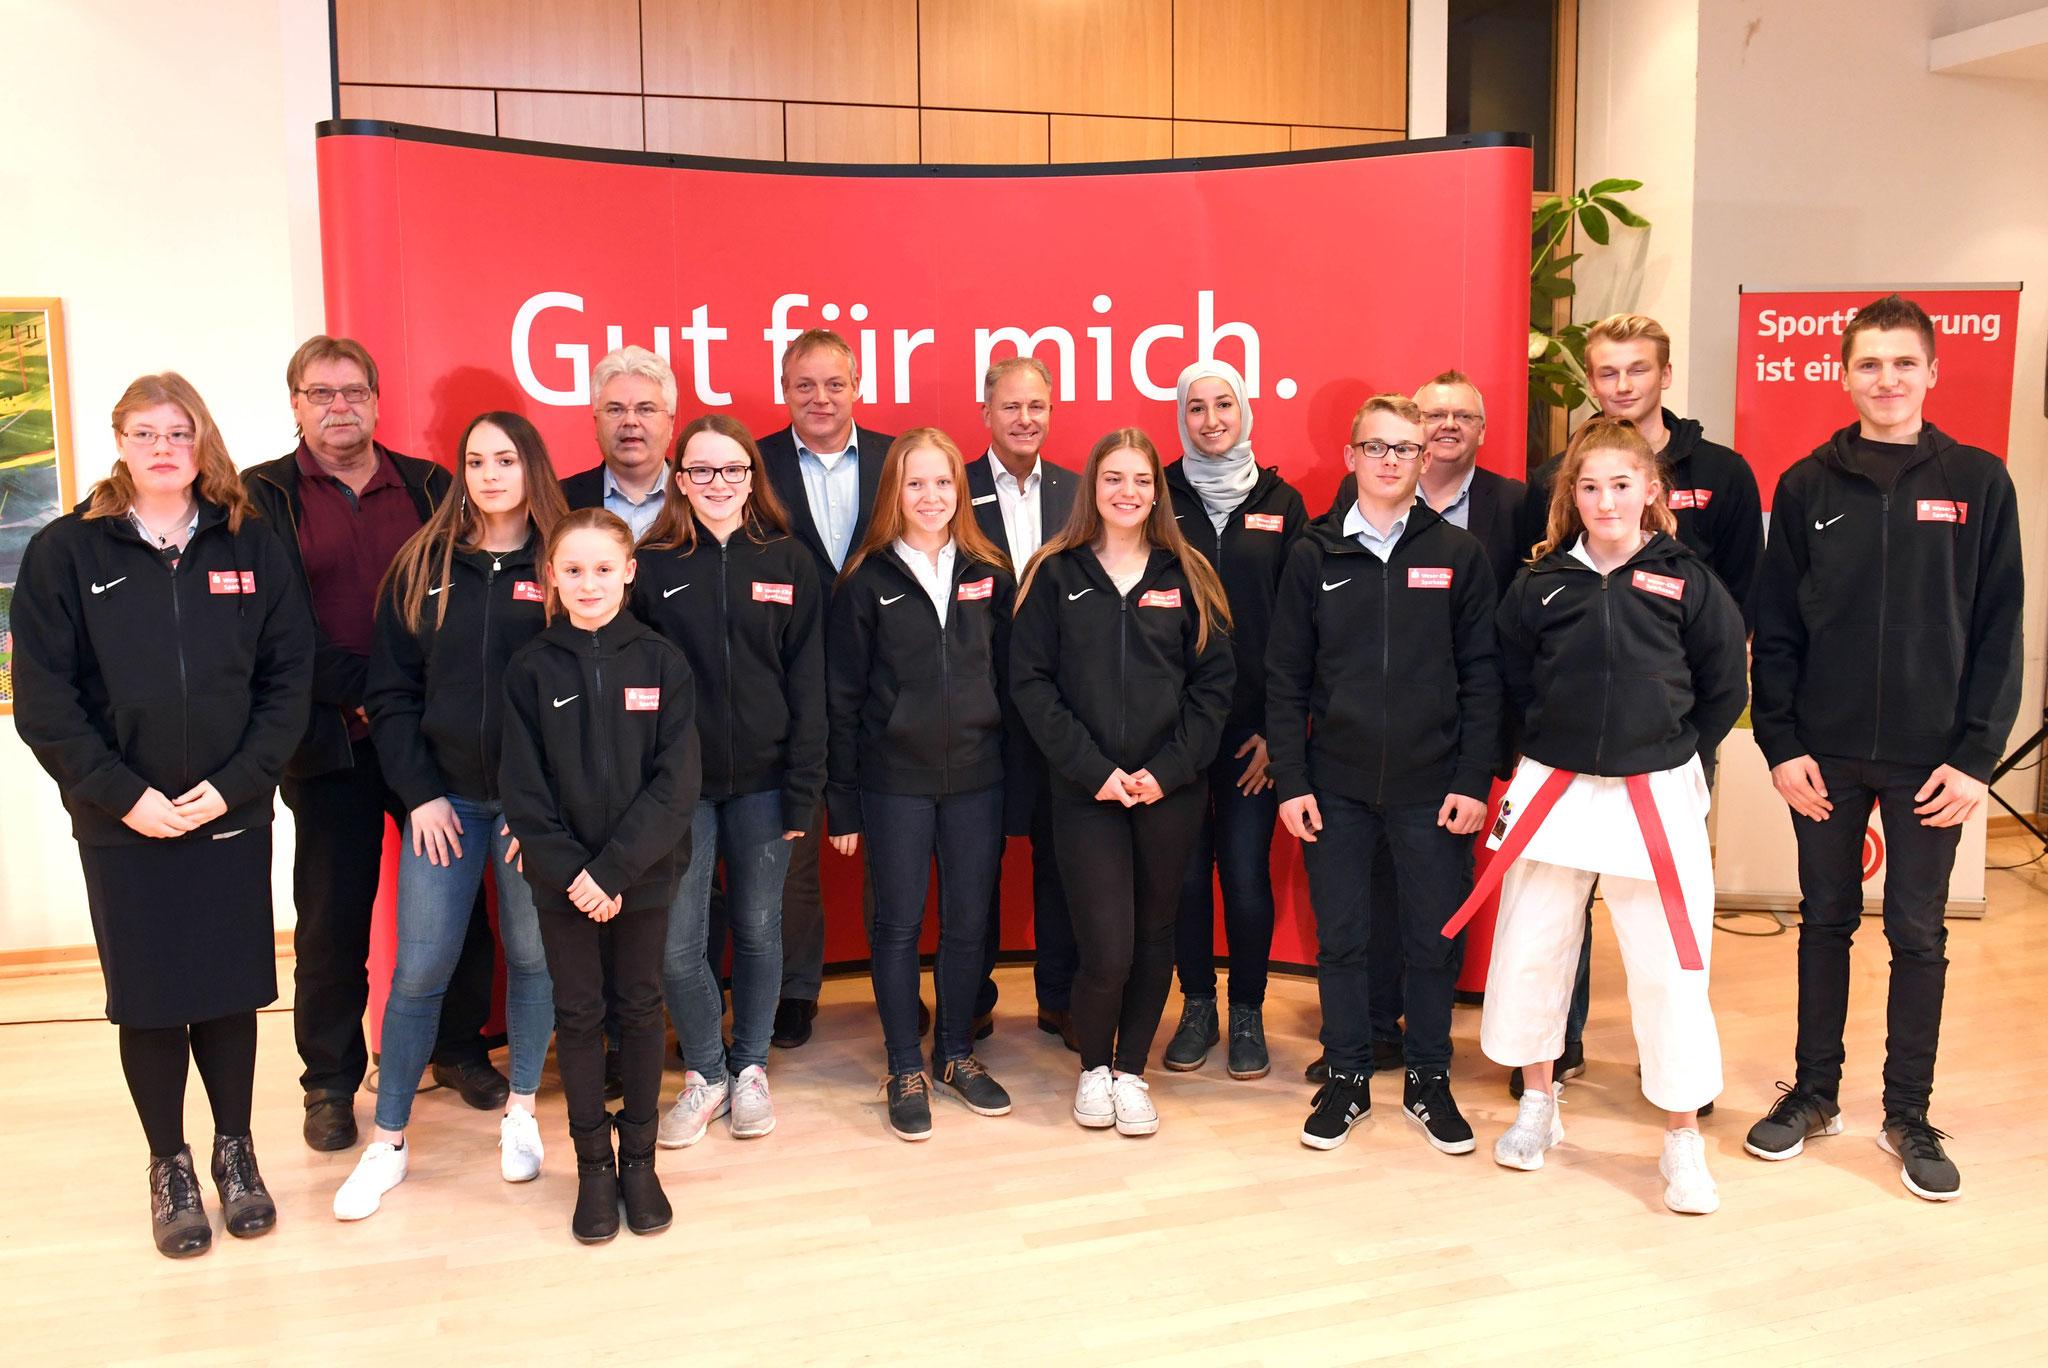 Die gesamten geförderten Sportler aus Landkreis und Stadt Bremerhaven